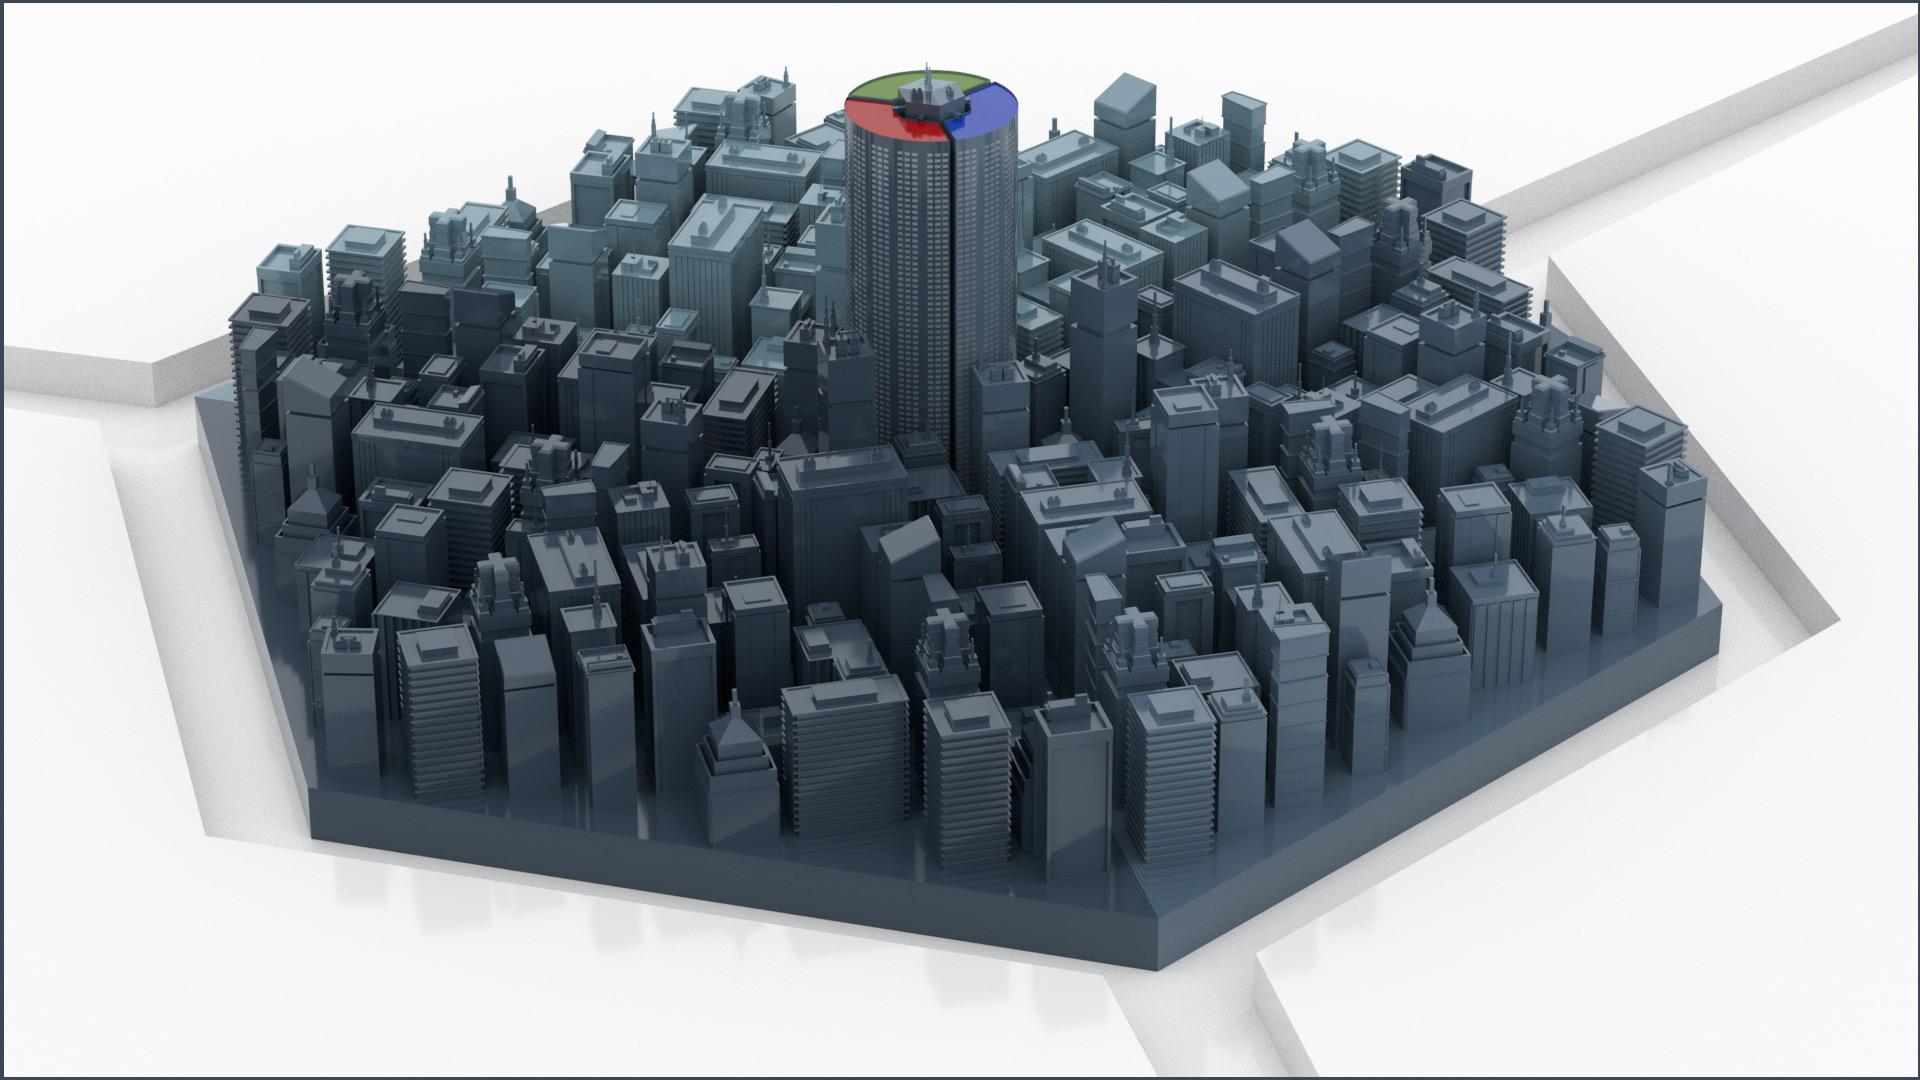 Méthode - Validation et finalisation - Le Graphiste 3D